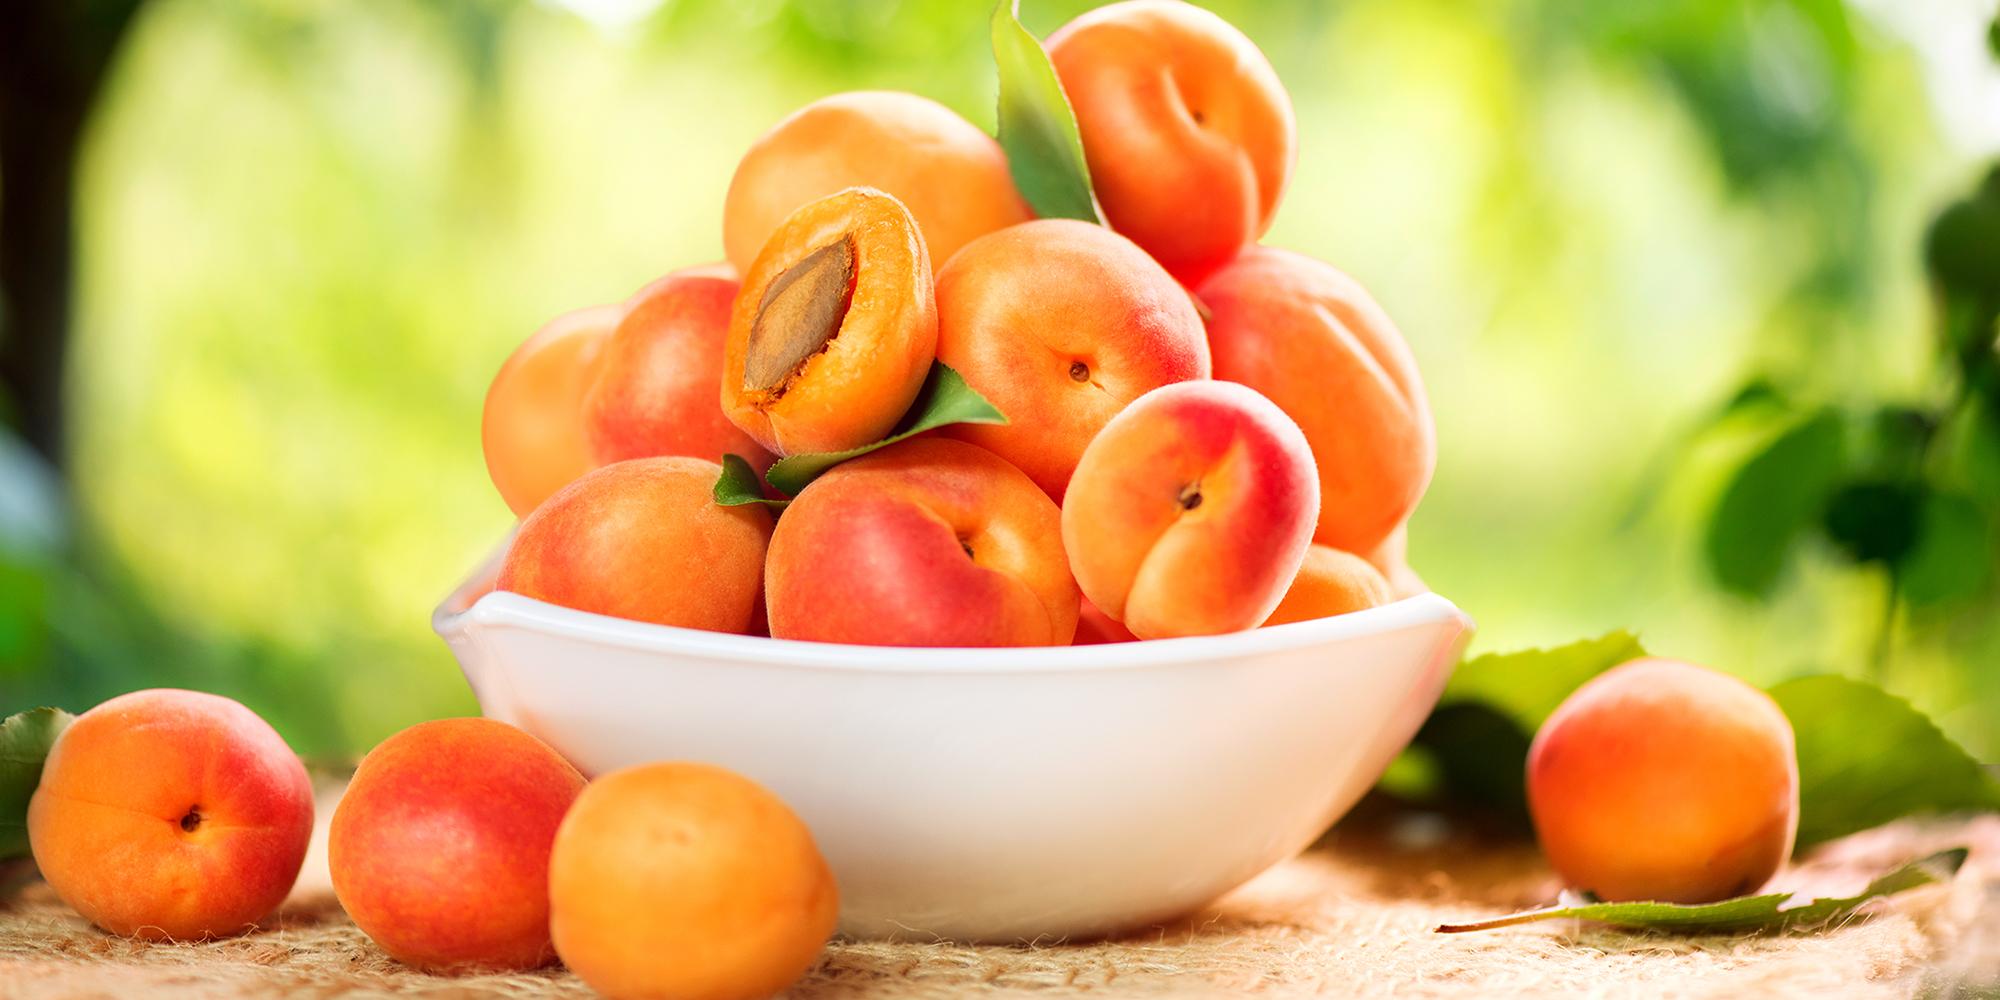 milyen gyümölcsöket lehet látni rövidlátás magas fokú vagy